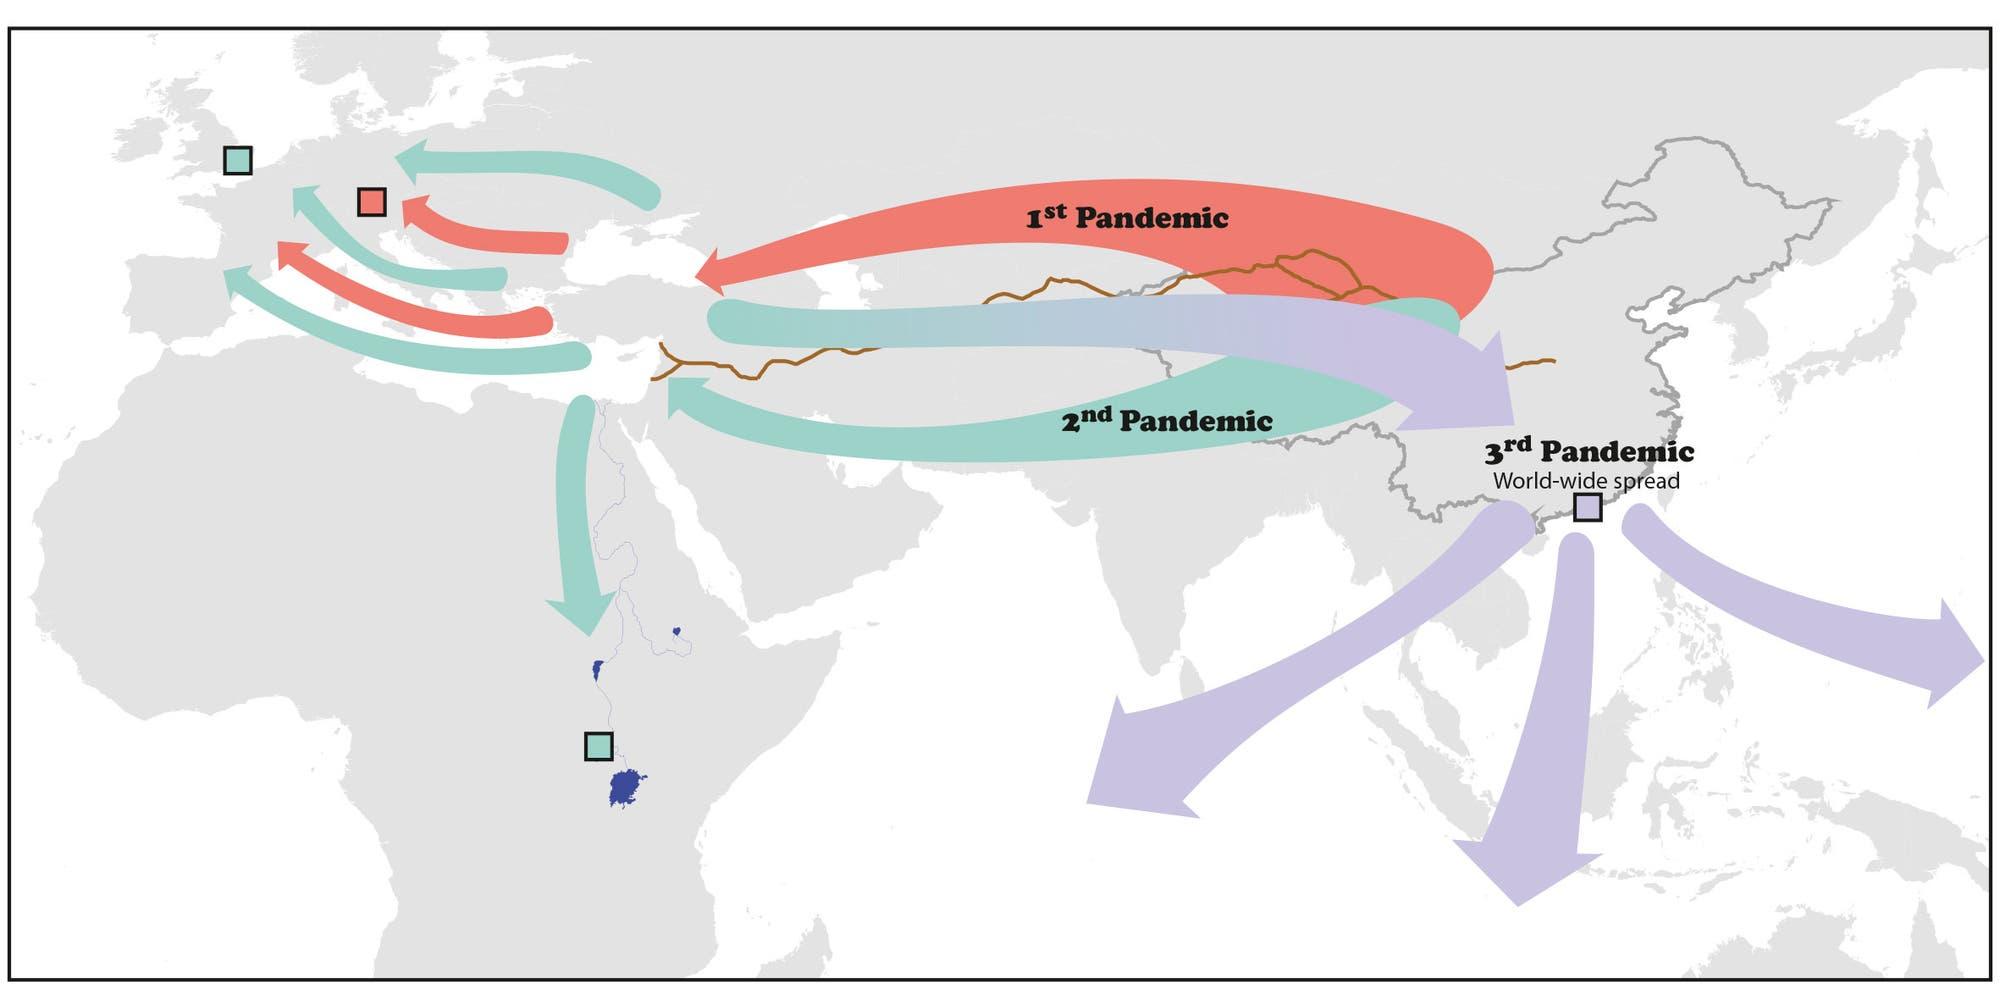 Die drei Pestpandemien